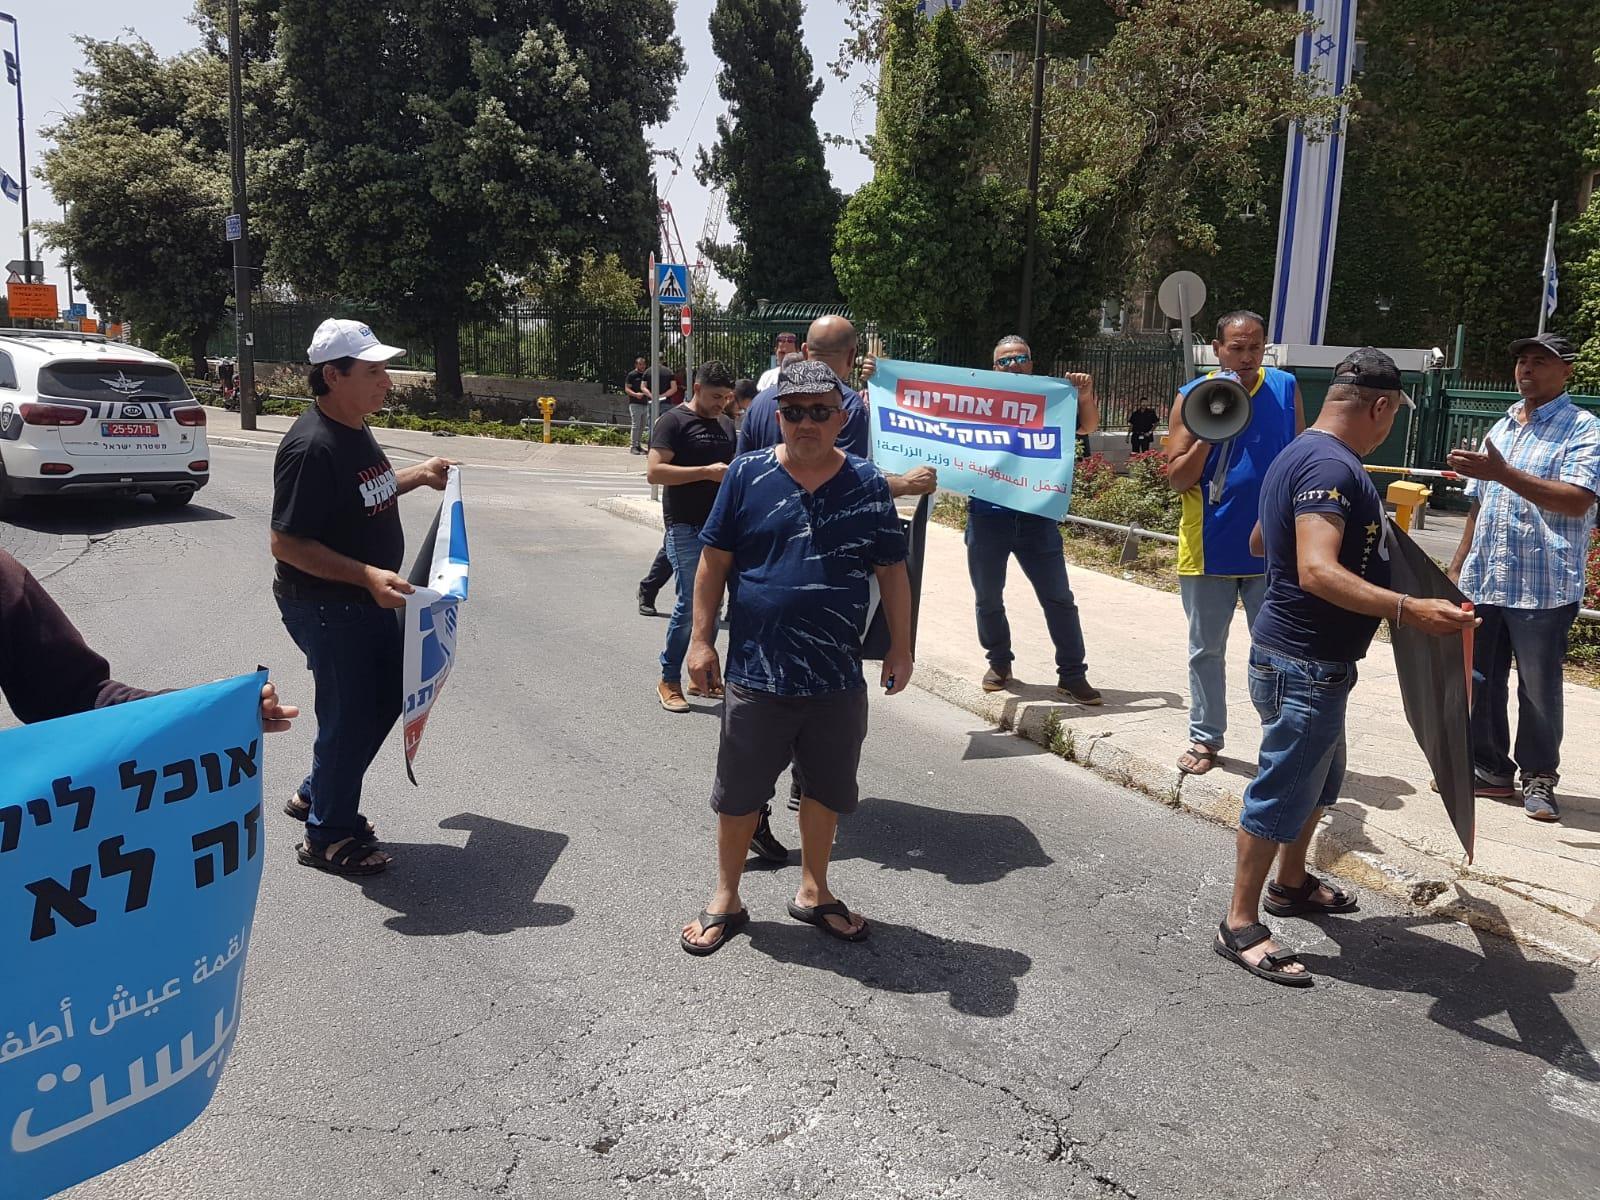 """تزامنا مع تظاهرتهم أمام """"المالية"""": الصيادون يلتمسون للعليا"""